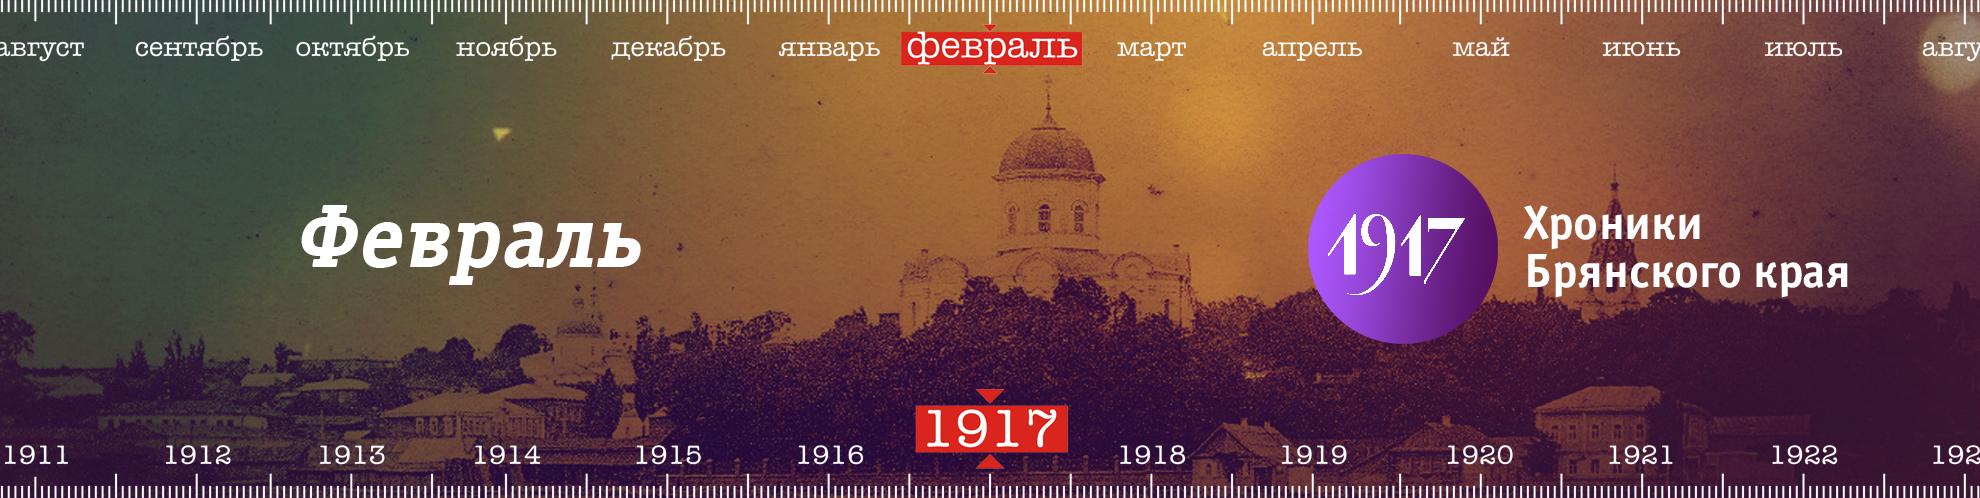 1917. Хроники Брянского края - Февраль